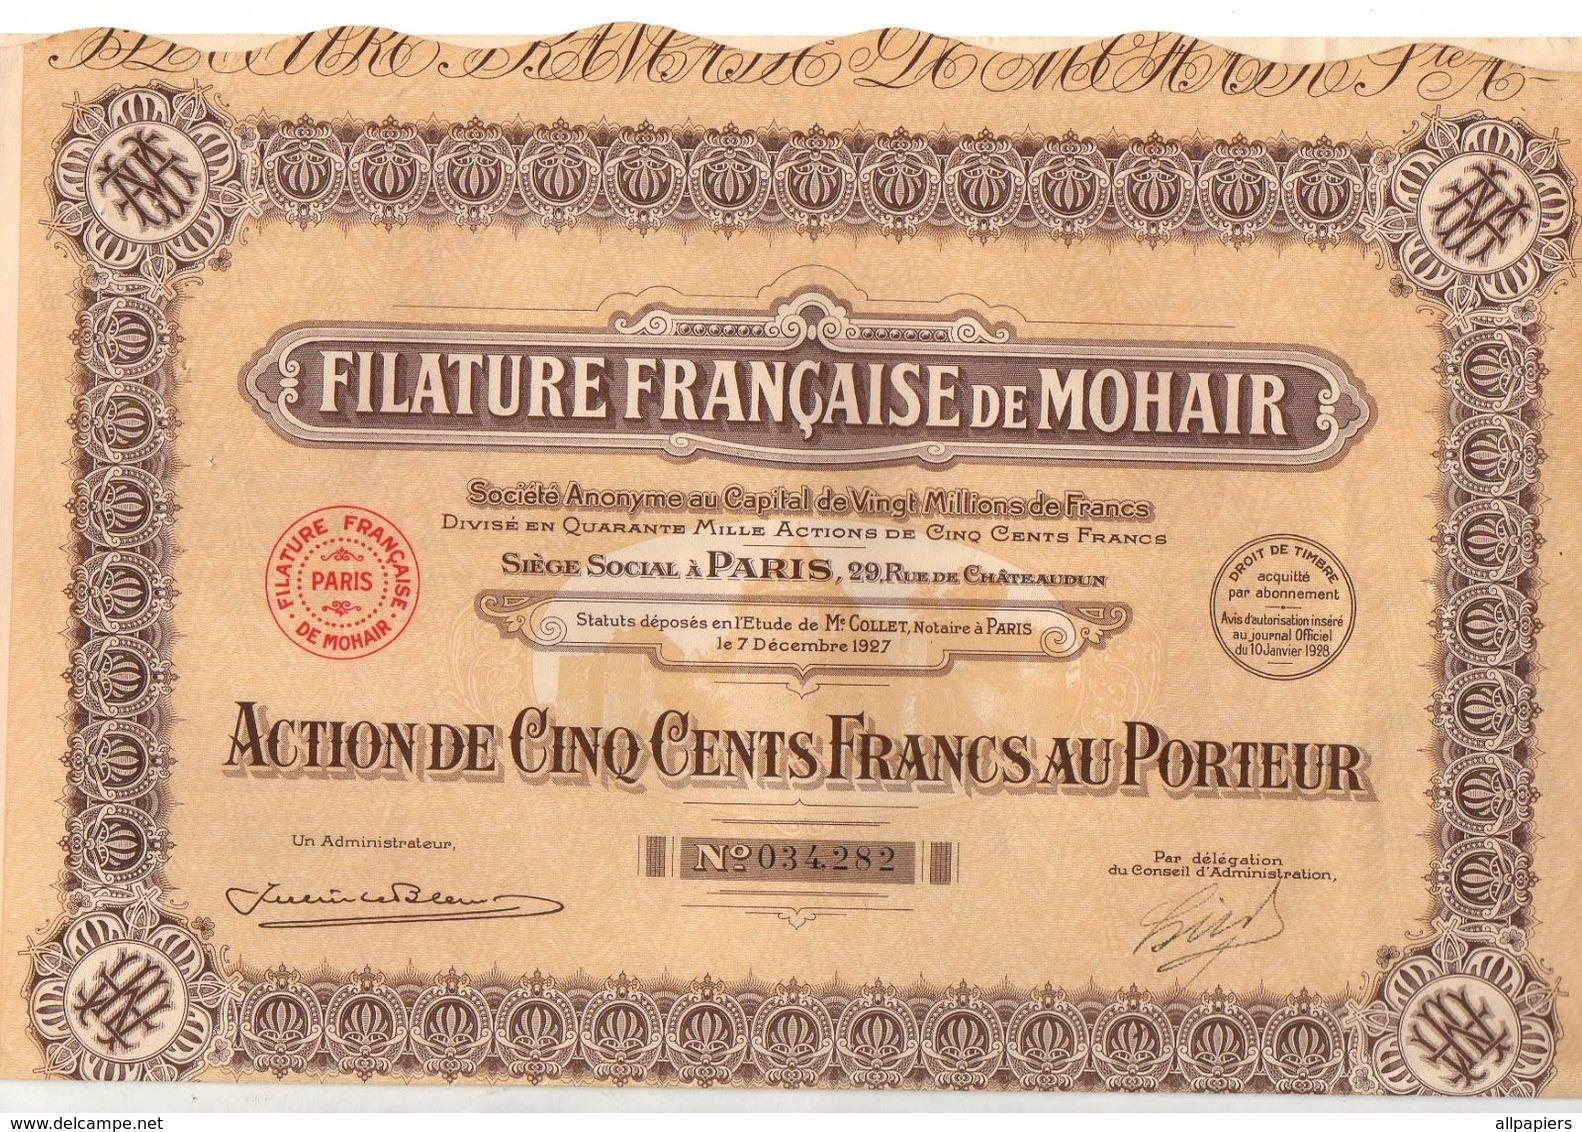 Action De 500 Francs Au Porteur N°034282 Pétrole Filature Française De Mohair De 1927 - Other